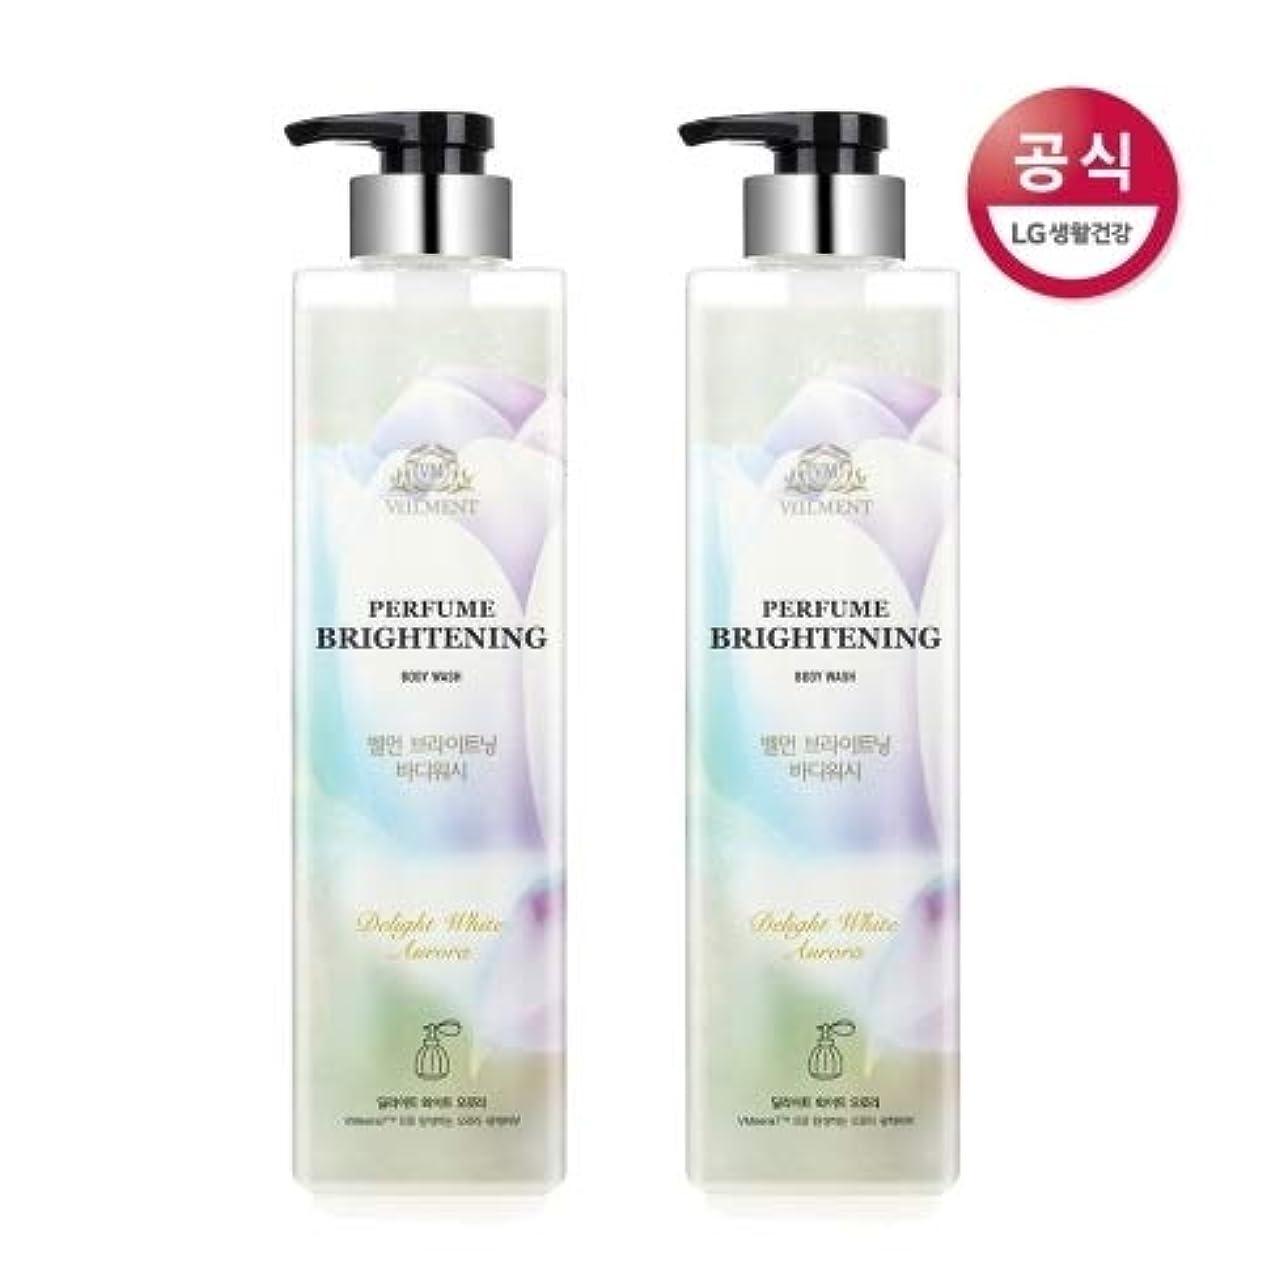 電気現実的返還[LG HnB] On the Body Belman Perfume Brightening Body Wash / オンザボディベルモンパフュームブライトニングボディウォッシュ680mlx2個(海外直送品)